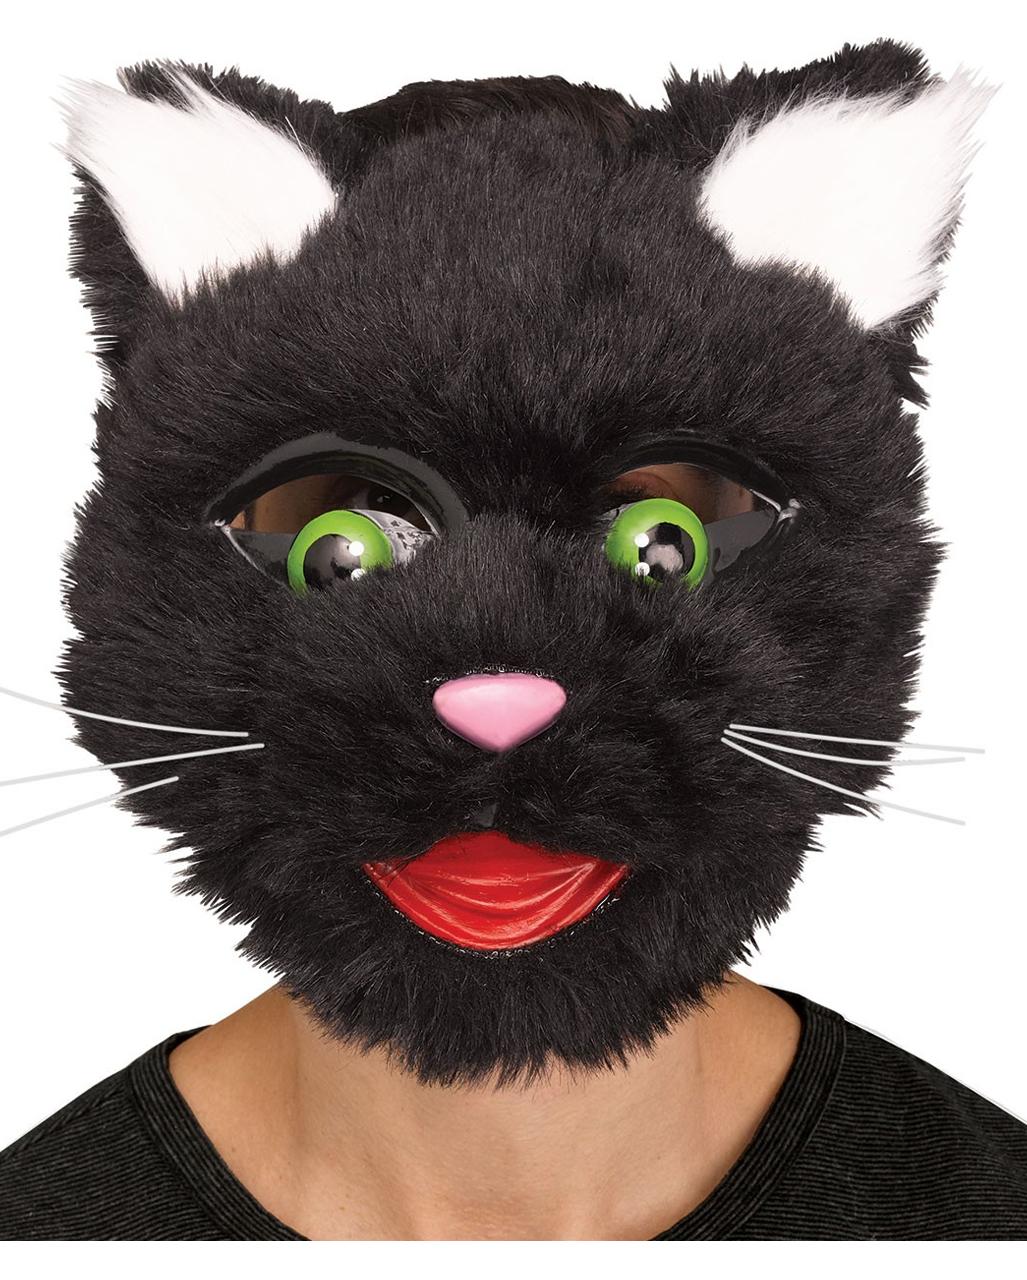 Ausmalbilder Von Süßen Katzen : Wunderbar S E Halloween Katze Malvorlagen Galerie Druckbare